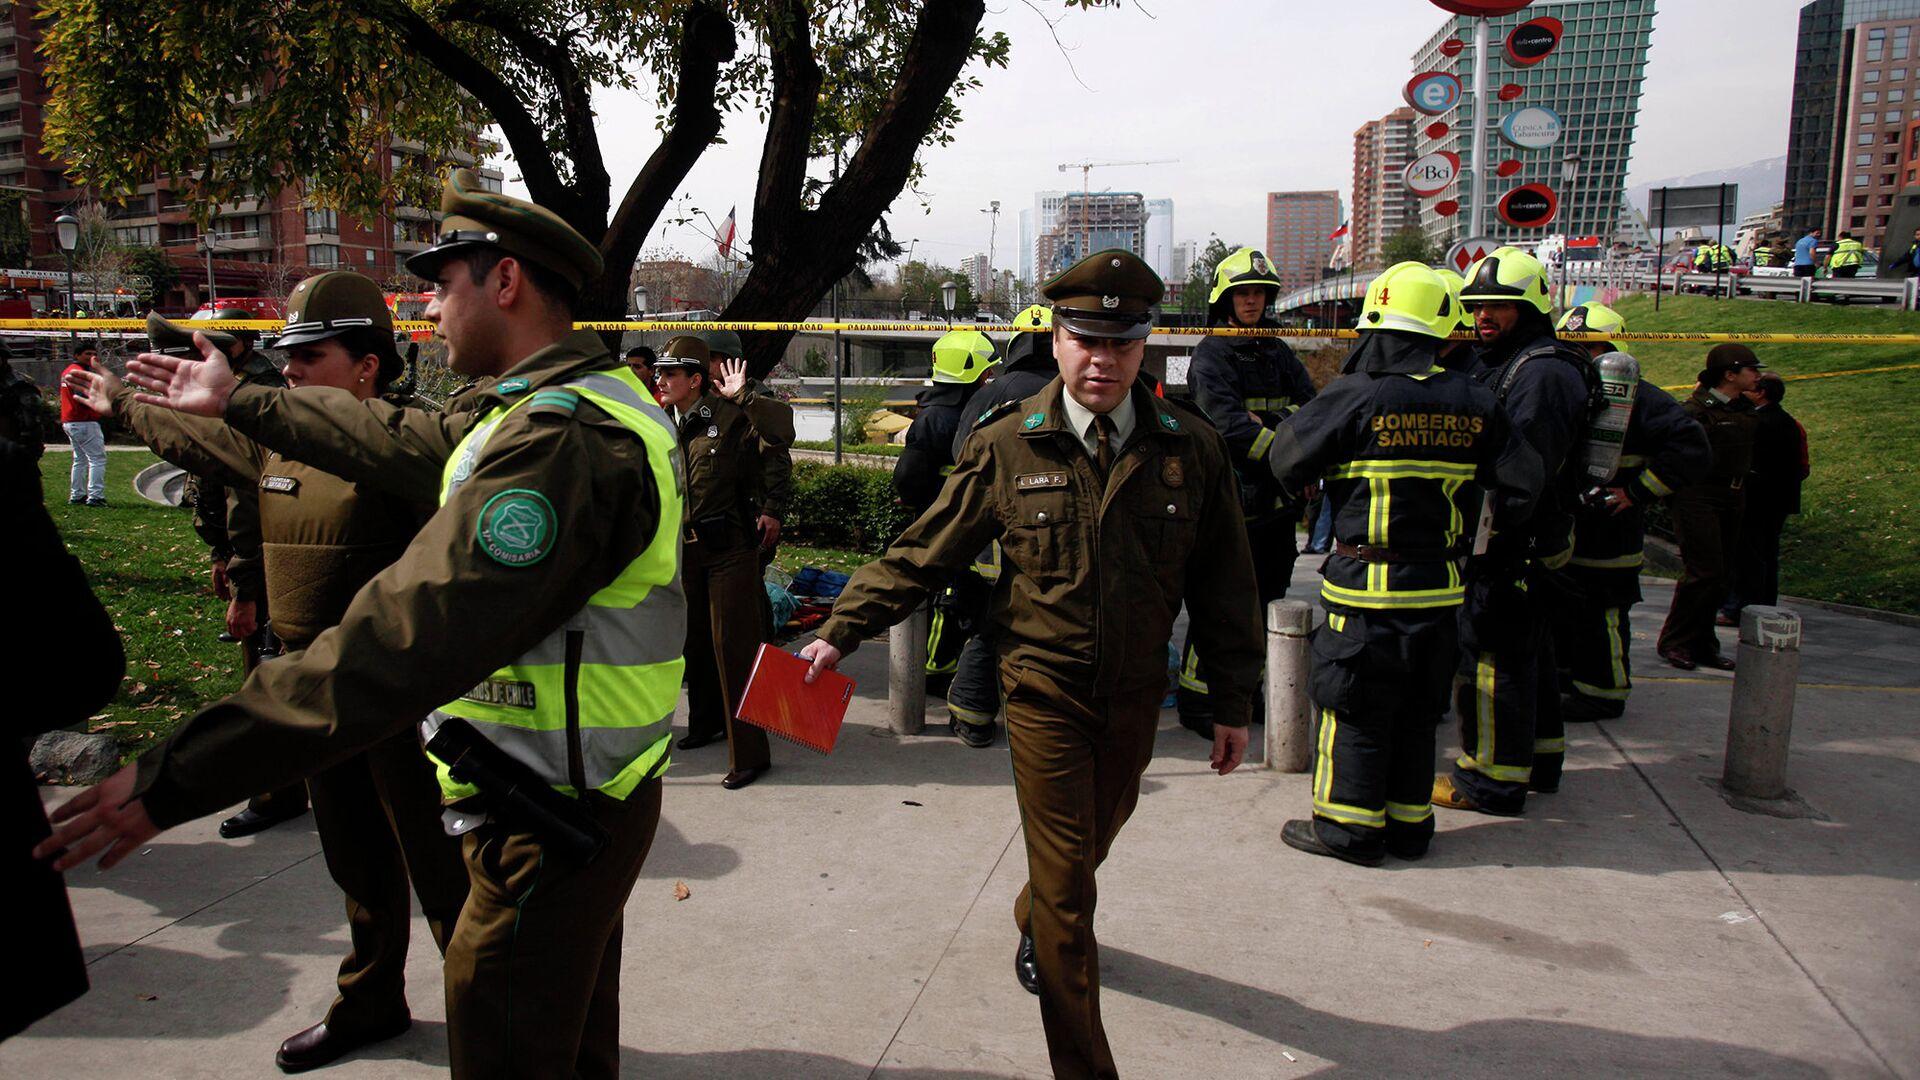 Полицейские на месте взрыва рядом со станцией в Сантьяго, Чили - РИА Новости, 1920, 20.09.2020